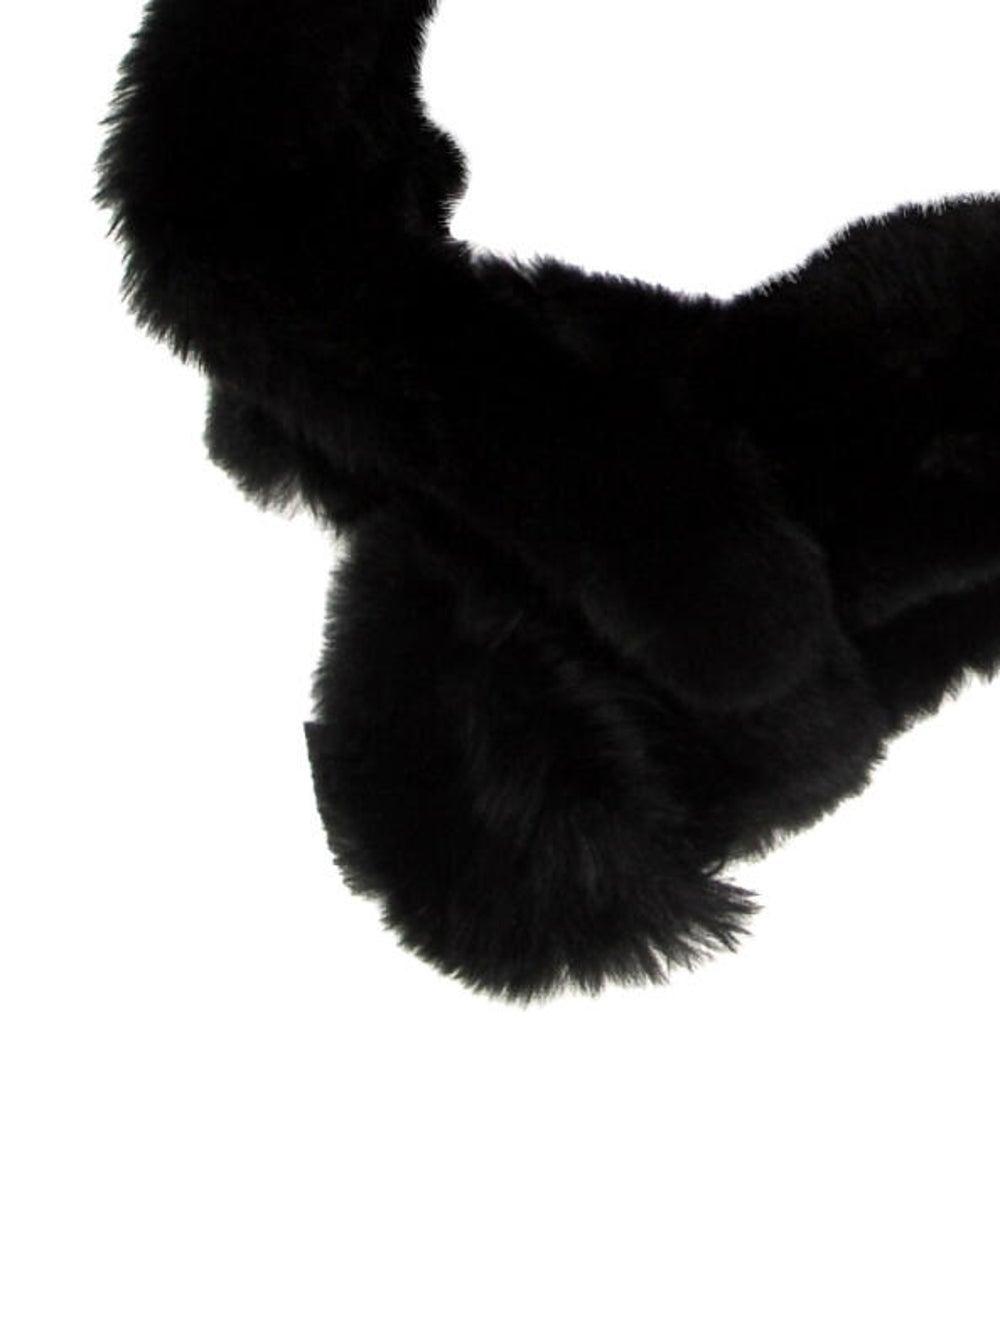 Fur stole Black - image 2